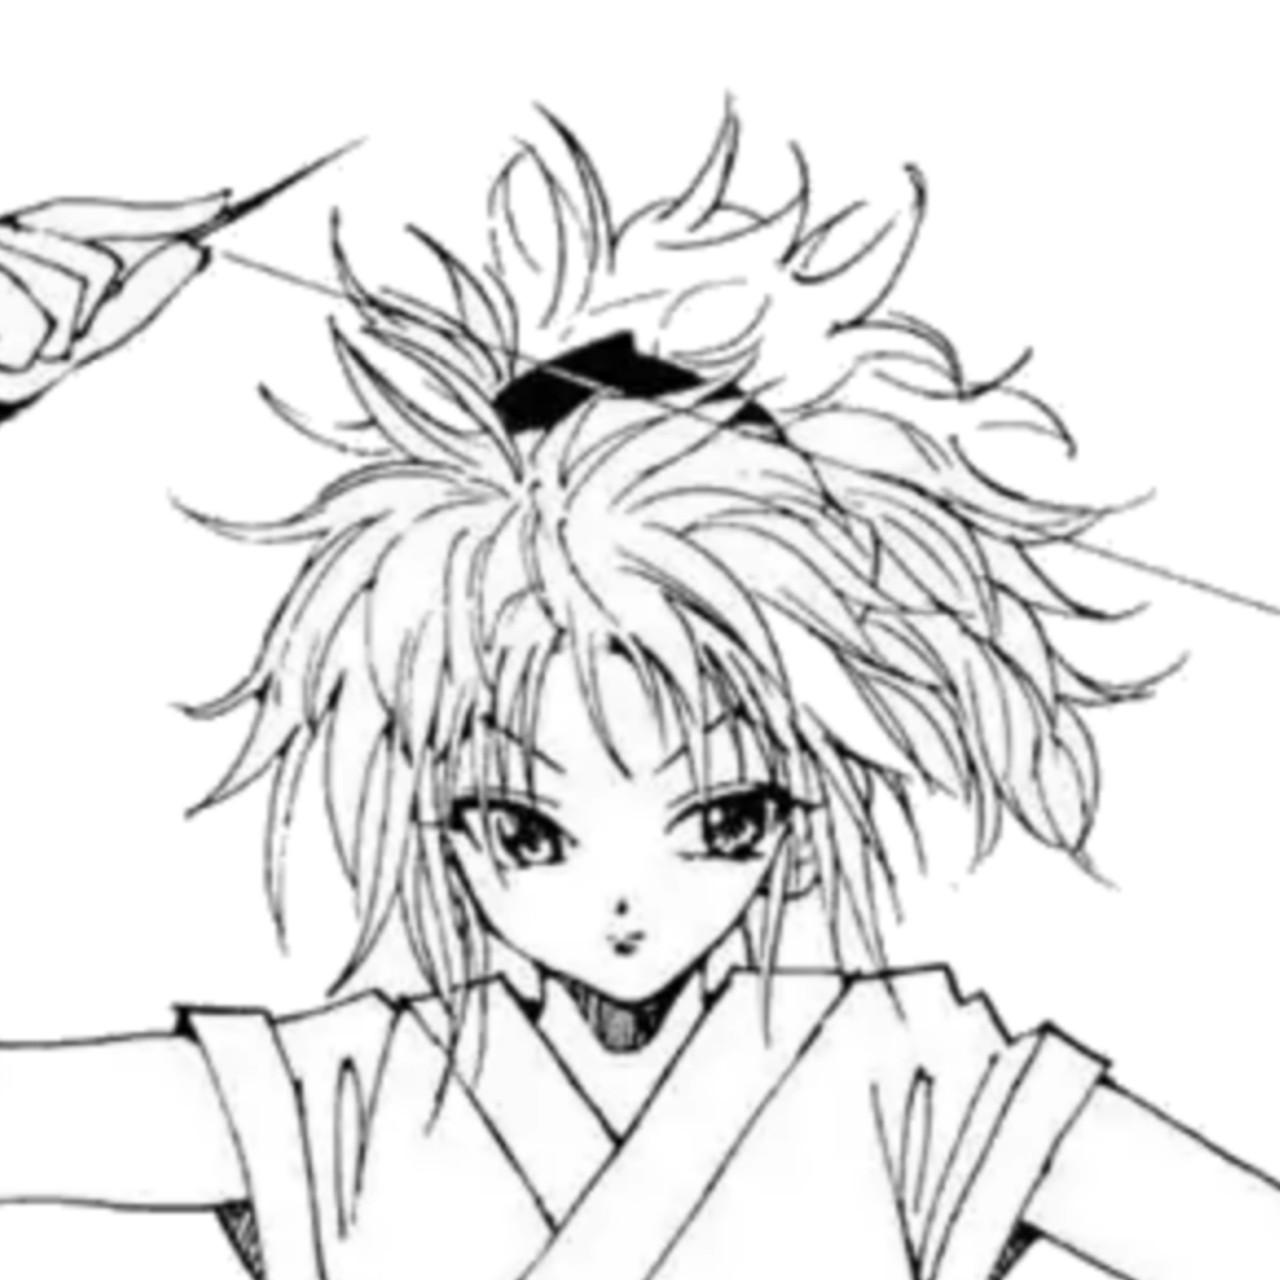 خلفيات وخلفيات Anime Hunter للملف الشخصي 6